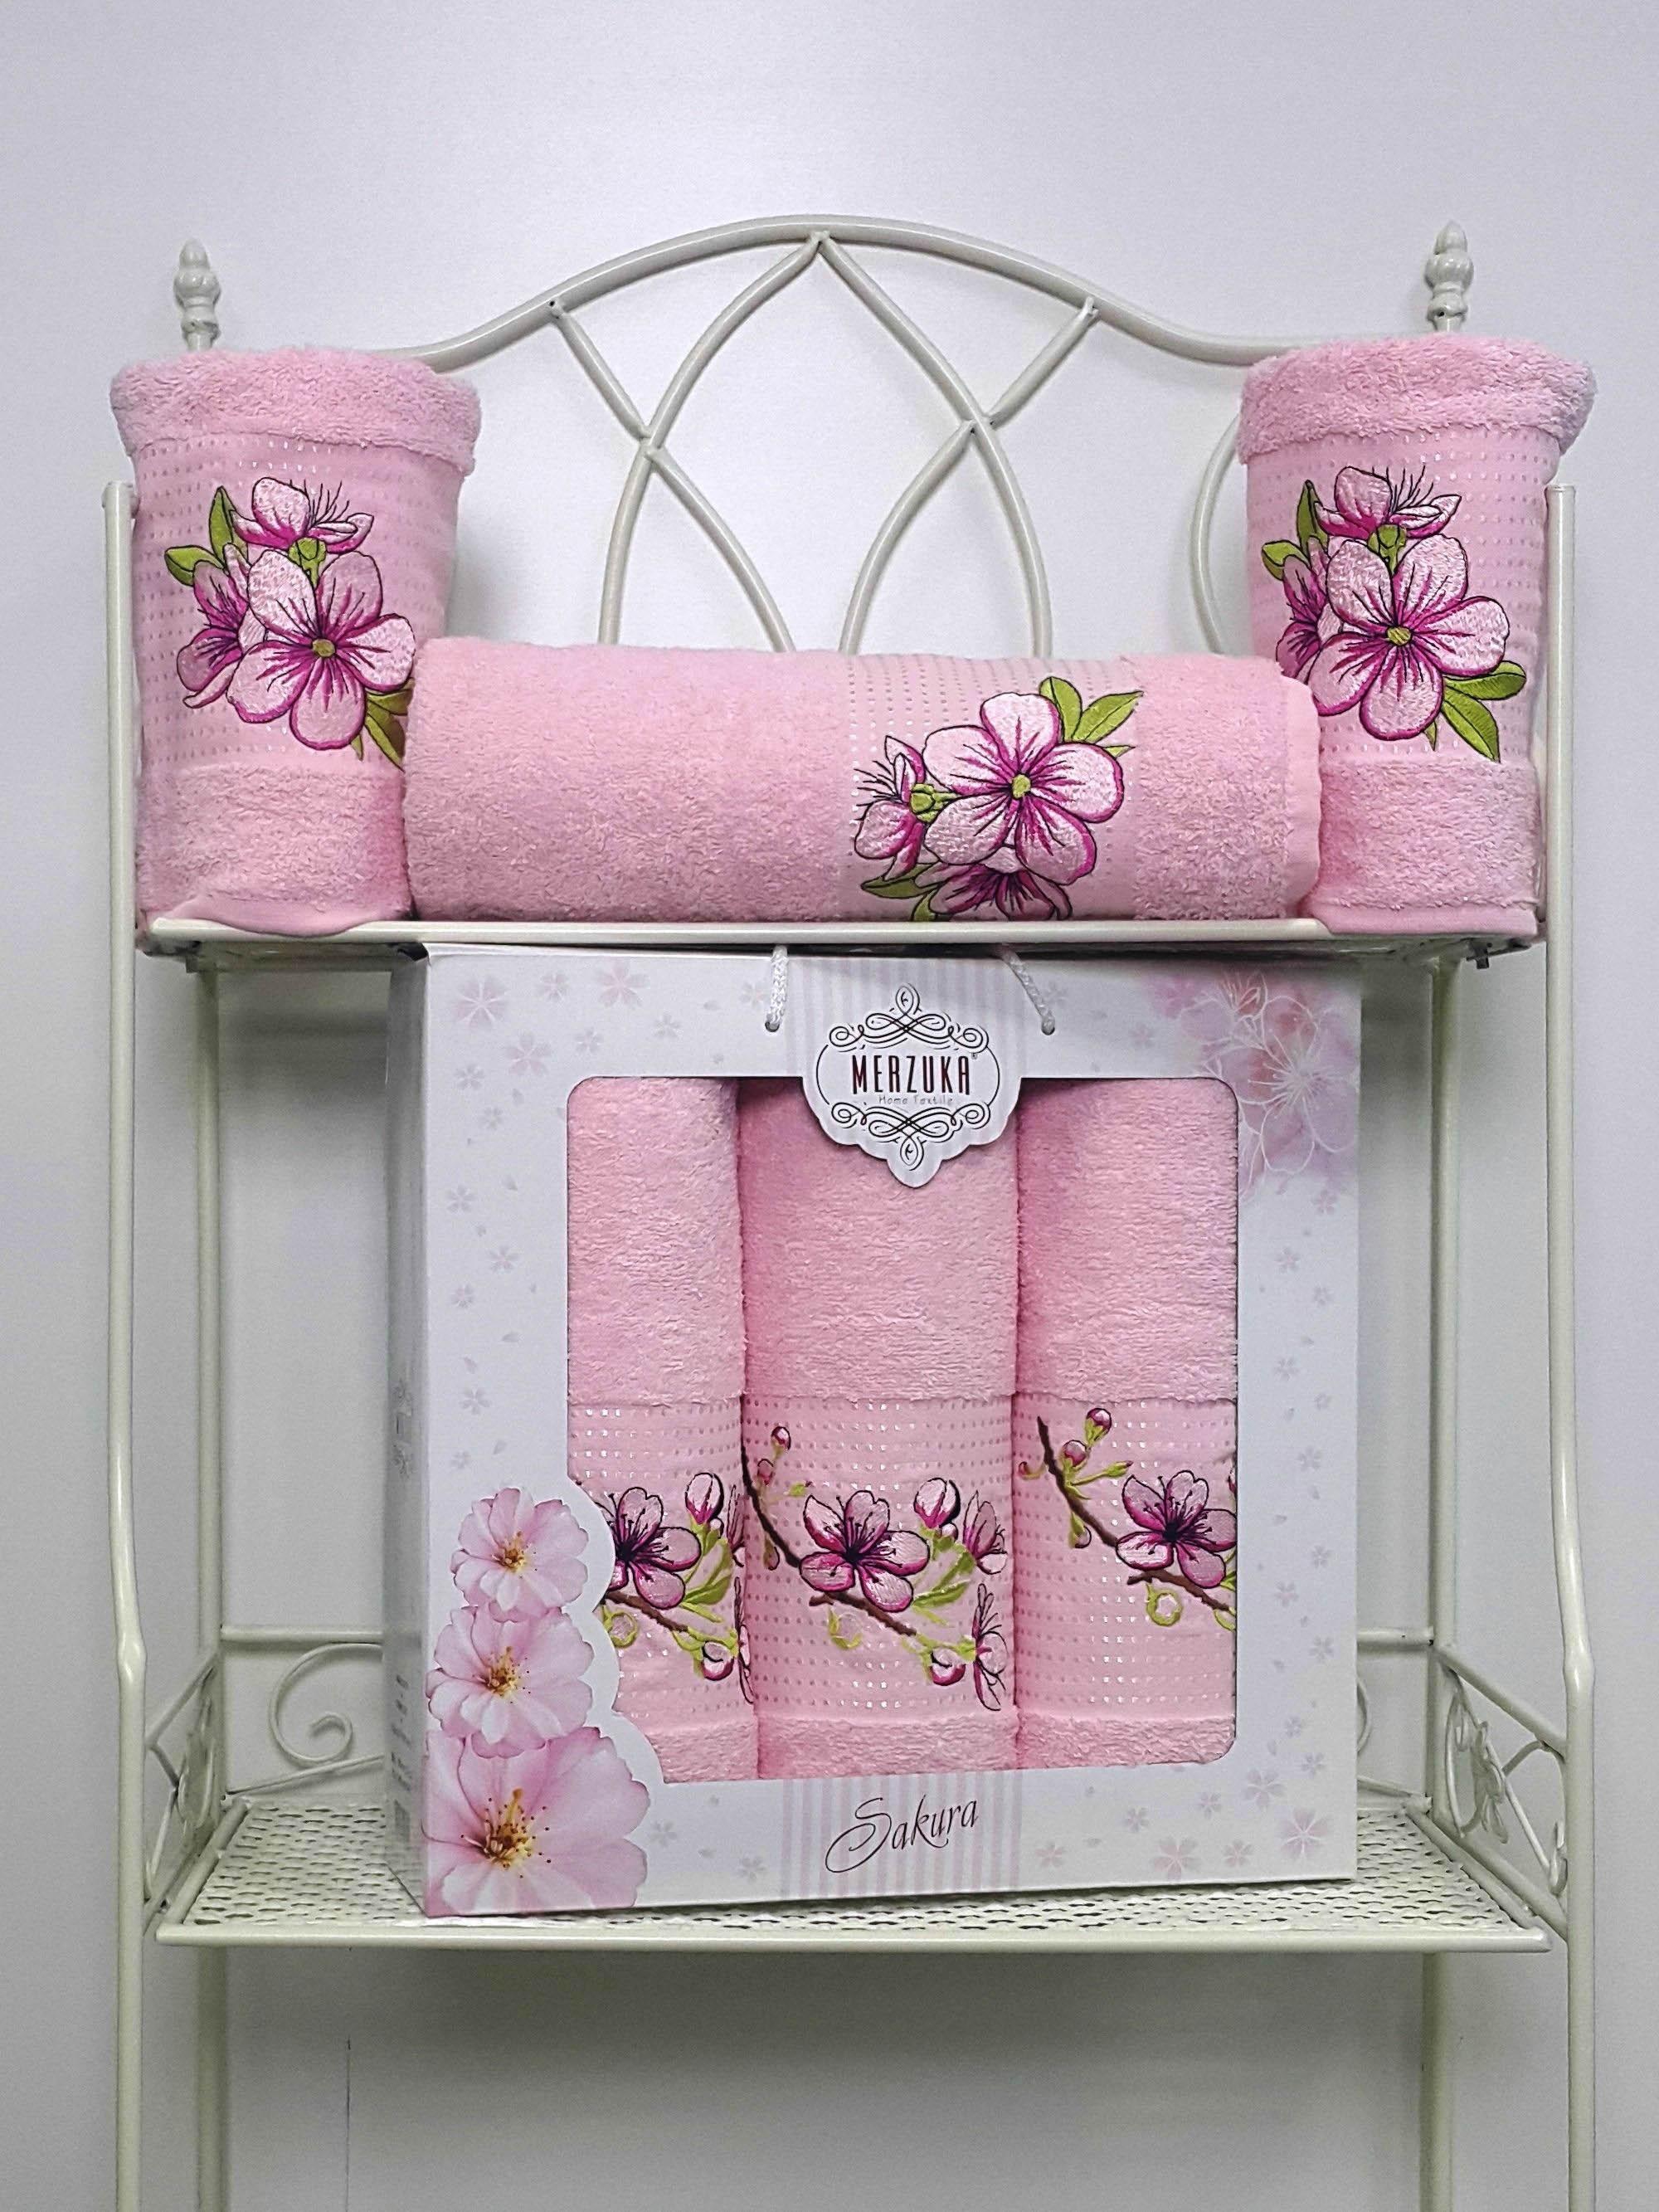 Полотенца Oran Merzuka Полотенце Sakura Цвет: Светло-Розовый (Набор) набор из 3 полотенец merzuka sakura 50х90 2 70х140 8432 розовый